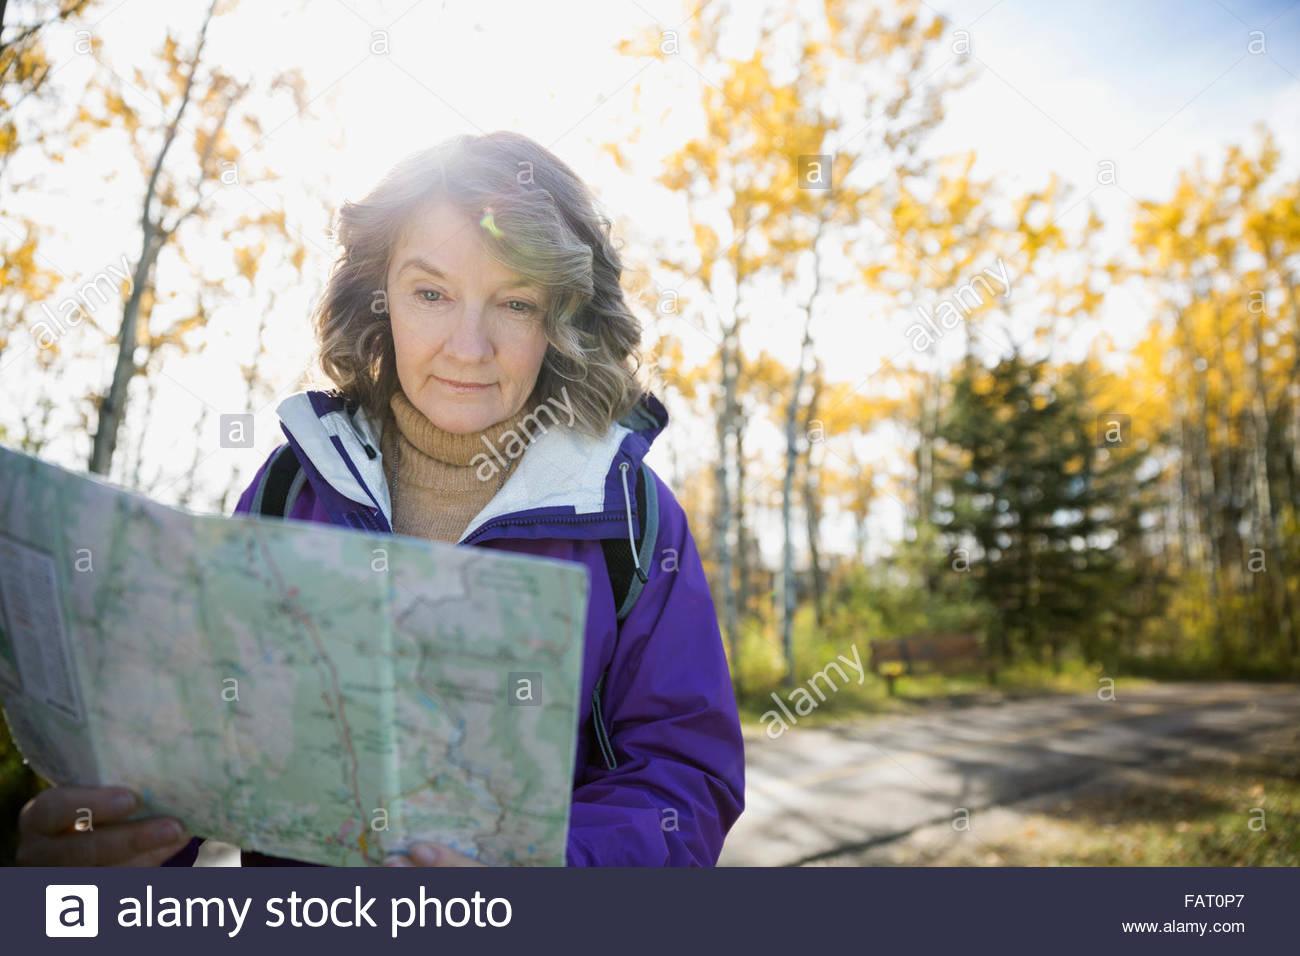 Mujer senderismo control de mapa en otoño woods Imagen De Stock